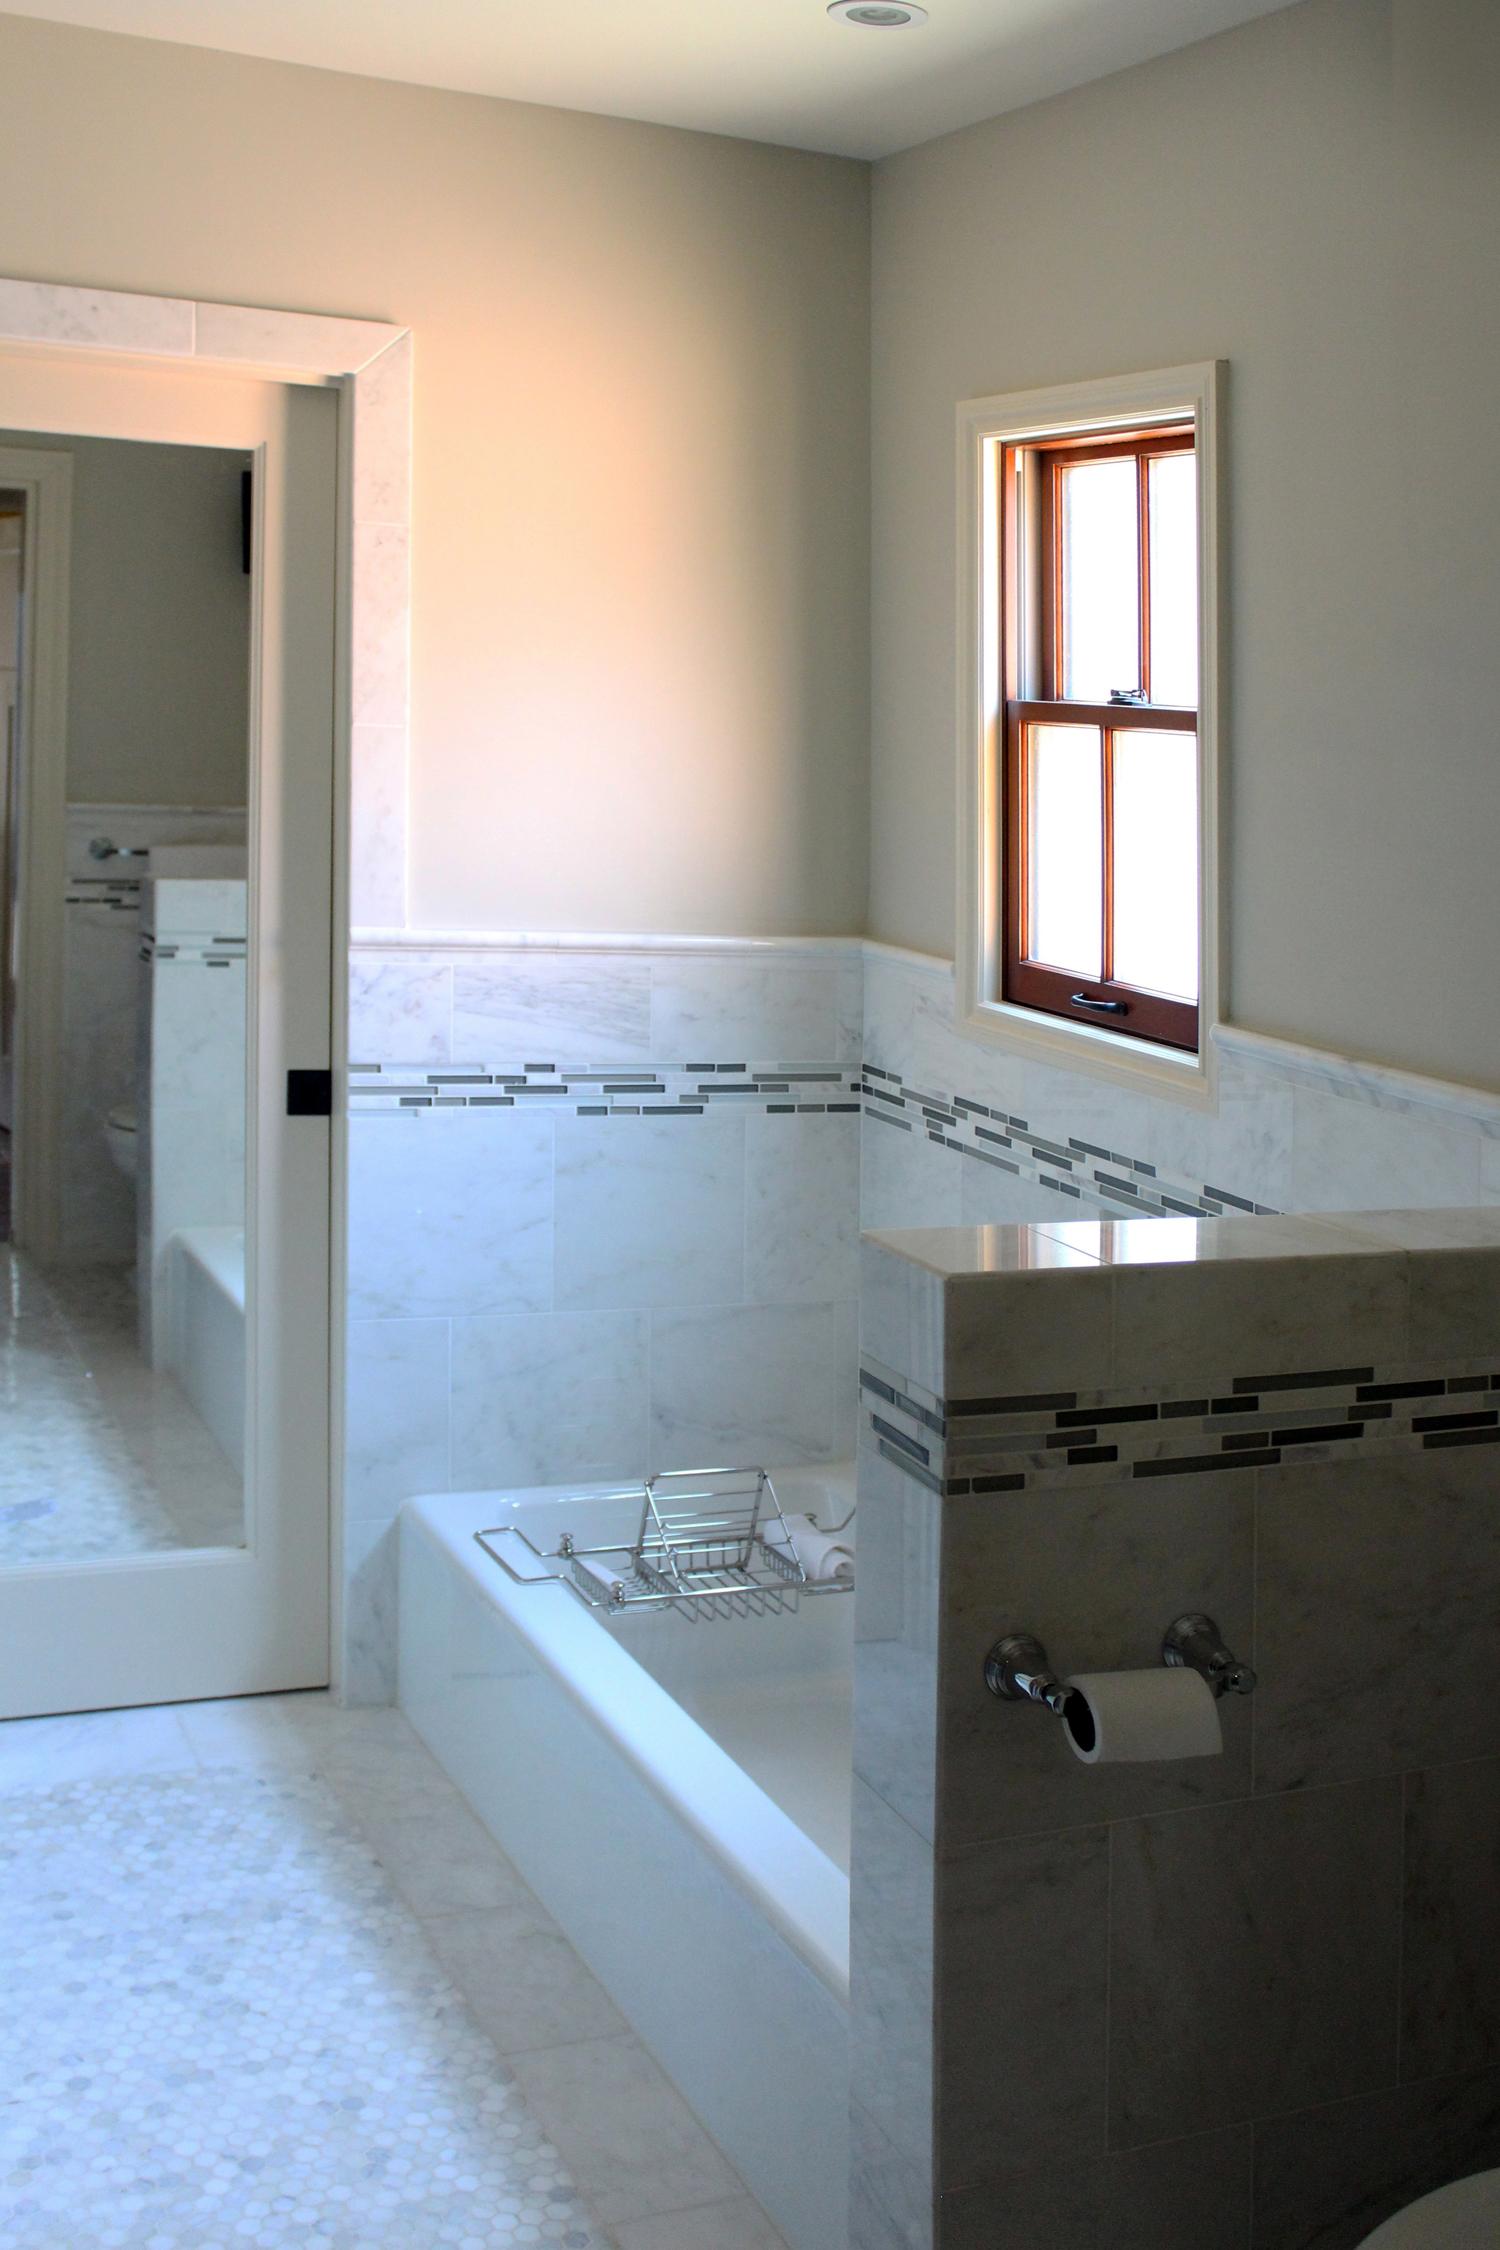 master bath tub small.jpg